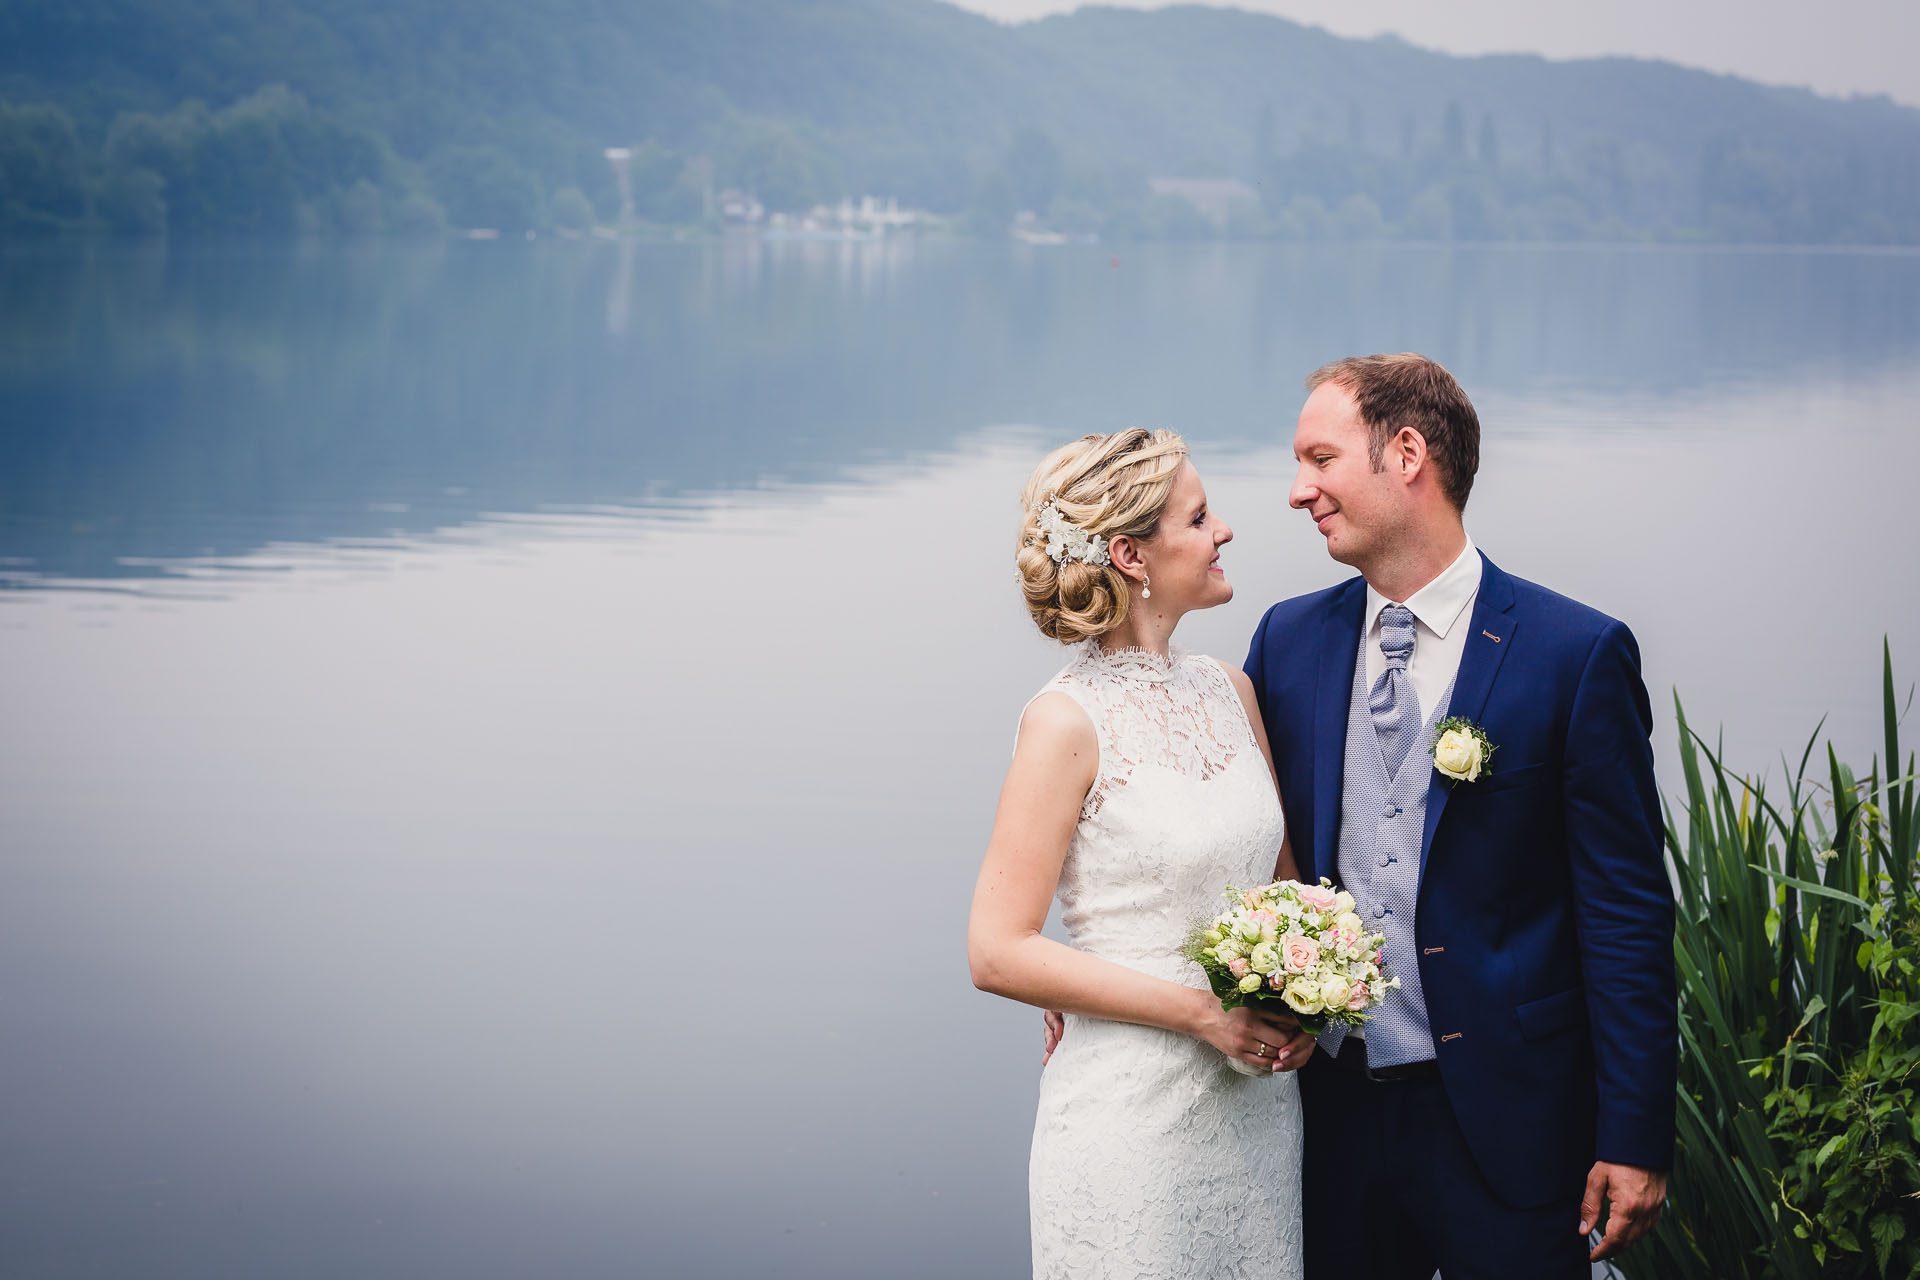 Hochzeitsfotograf Hattingen - Hochzeitsfotos Kemnader See